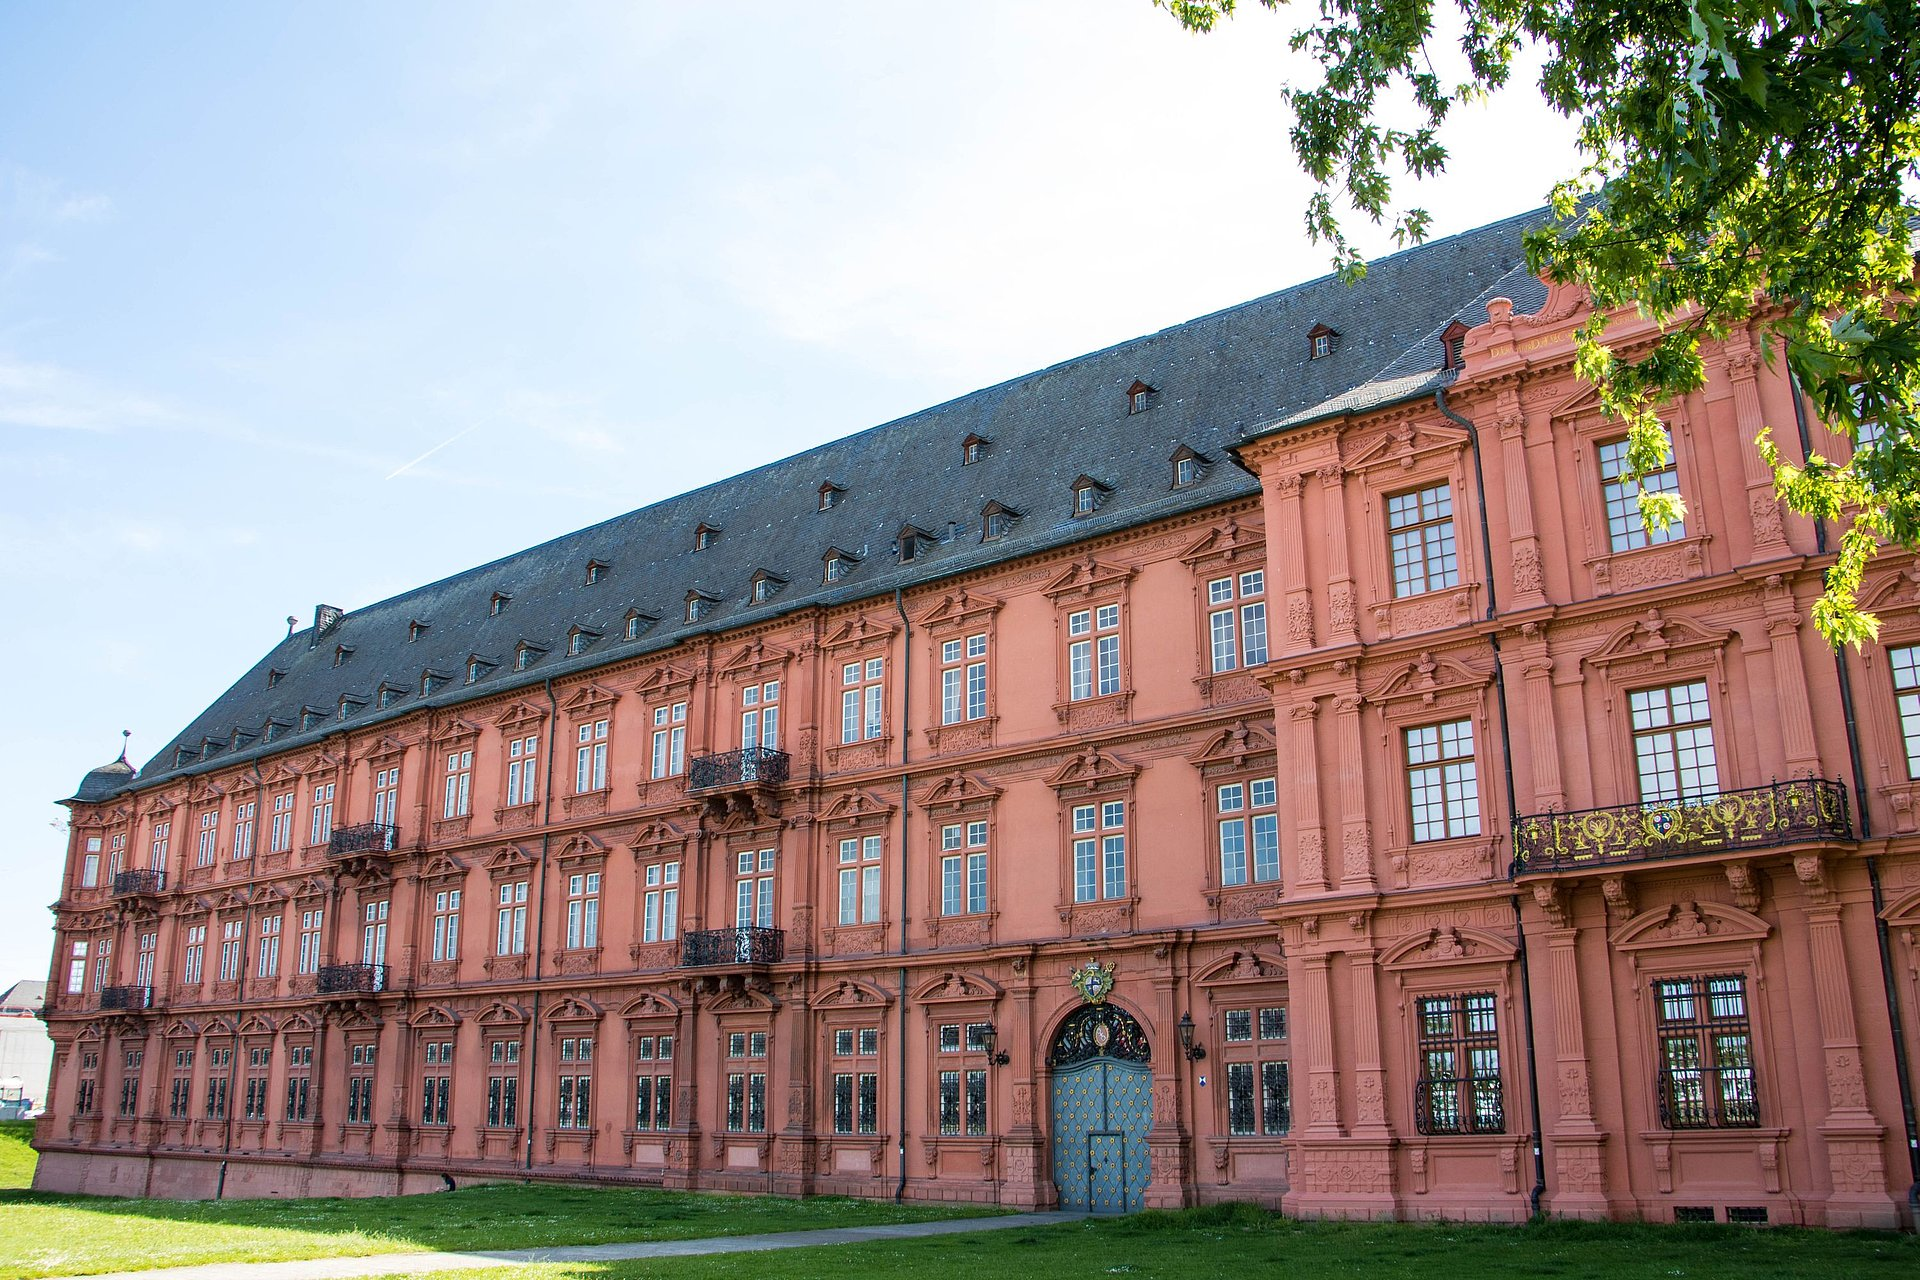 Das Kurfürstliche Schloss in Mainz, Rheinhessen